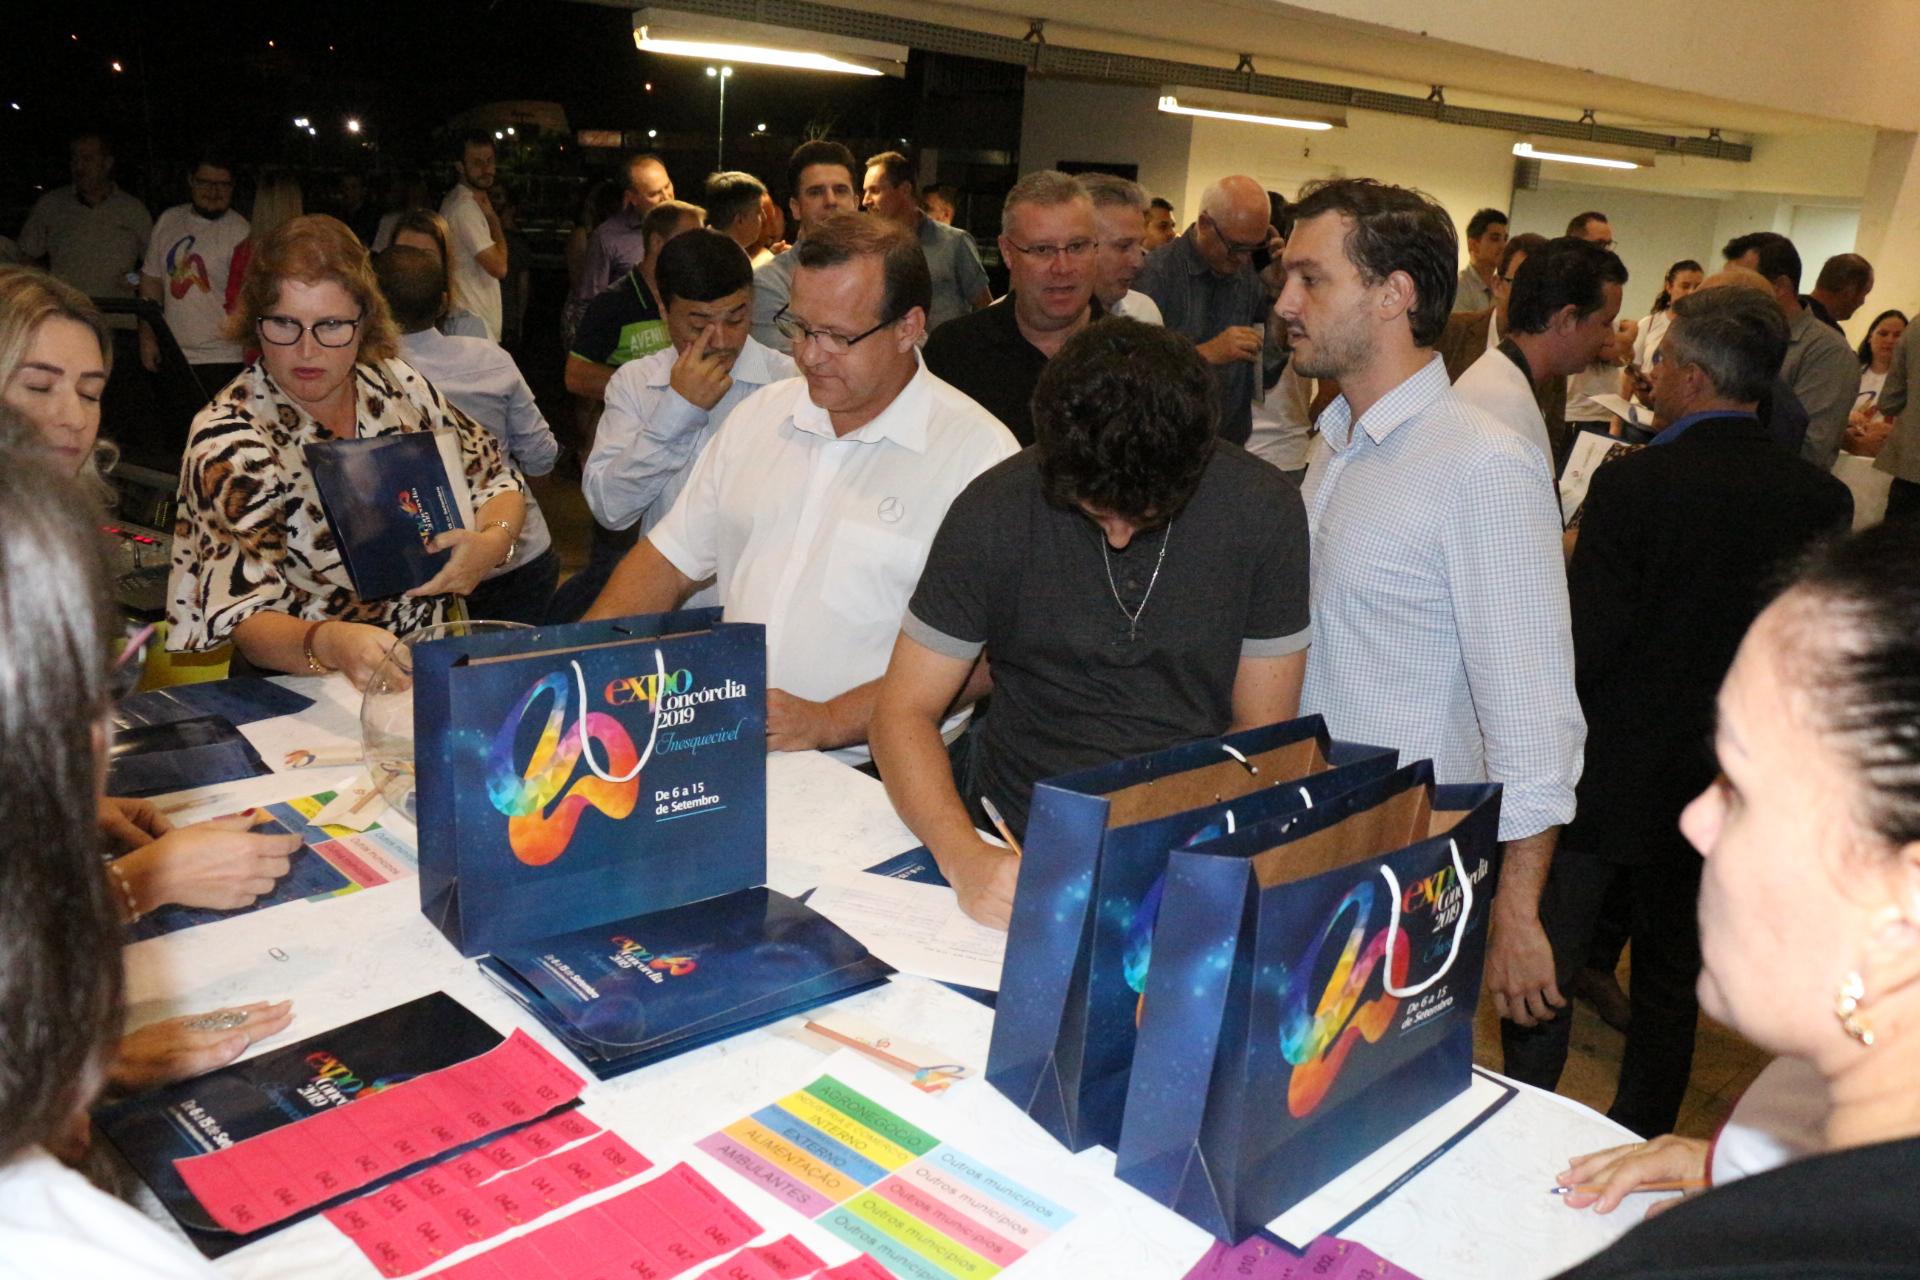 Reunião com todos os expositores da Expo Concórdia